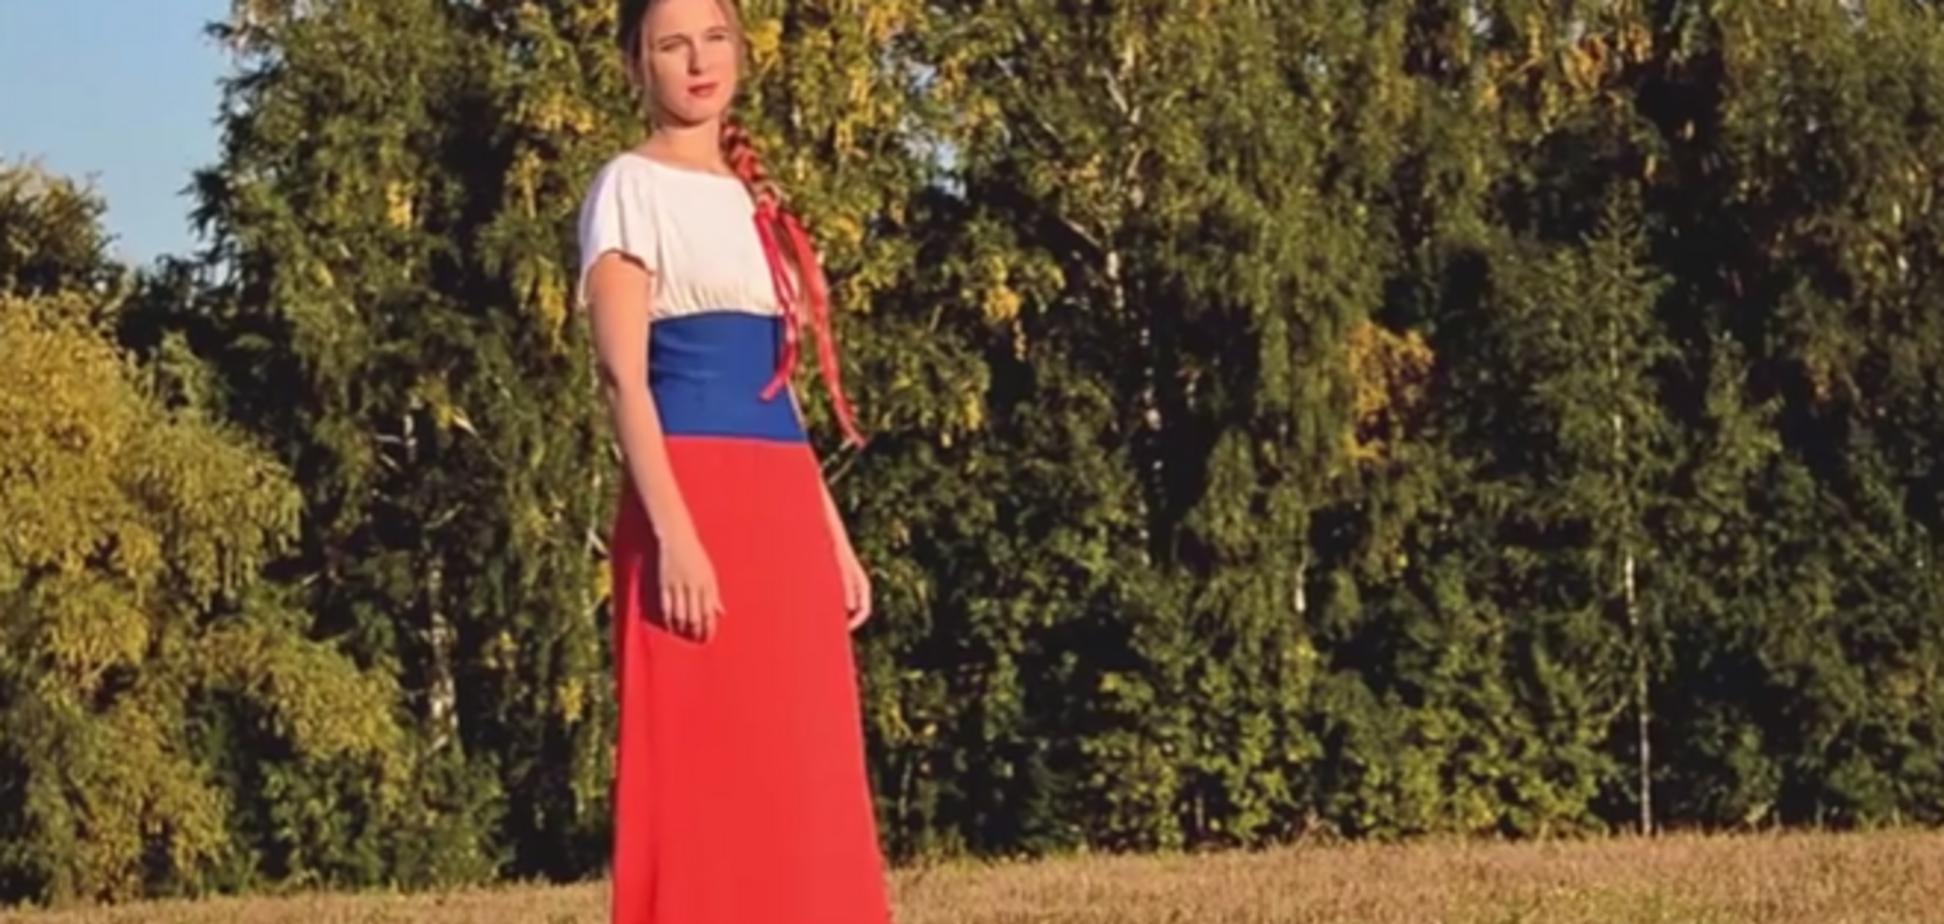 Відео 'Мій Путін' стало відповіддю російської співачки на санкції Заходу